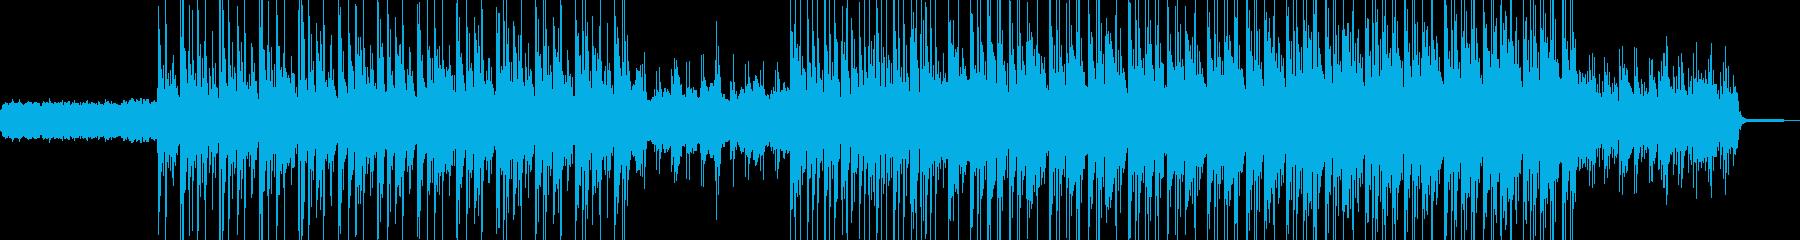 電脳・空想科学的なエレクトロ エレキ無Bの再生済みの波形